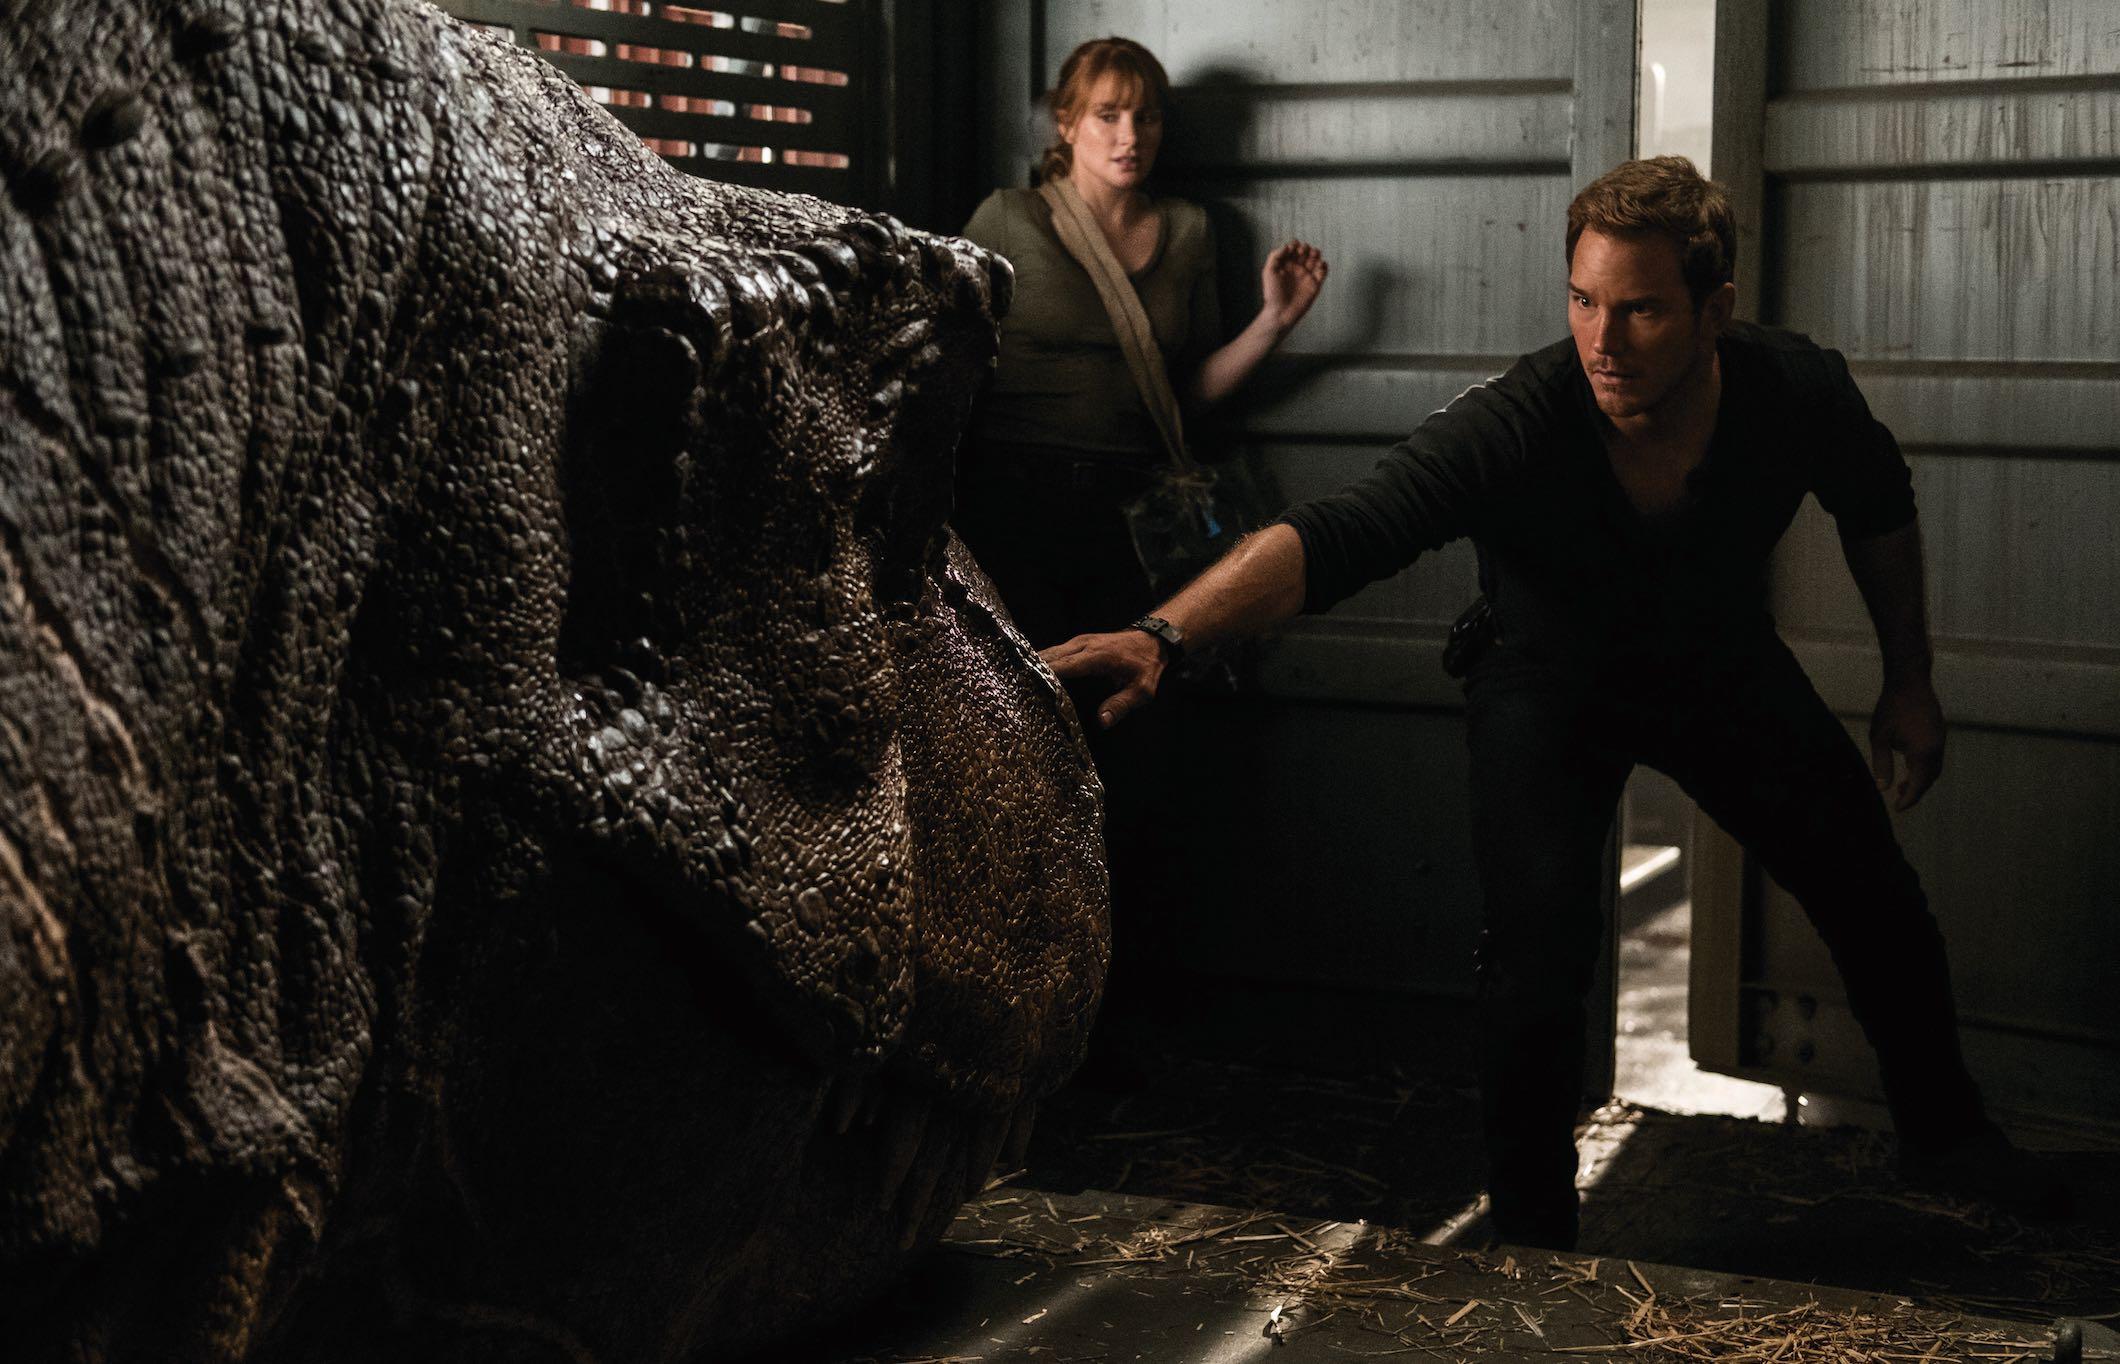 Jurassic World Fallen Kingdom Chris Pratt Bryce Dallas Howard Dinosaur